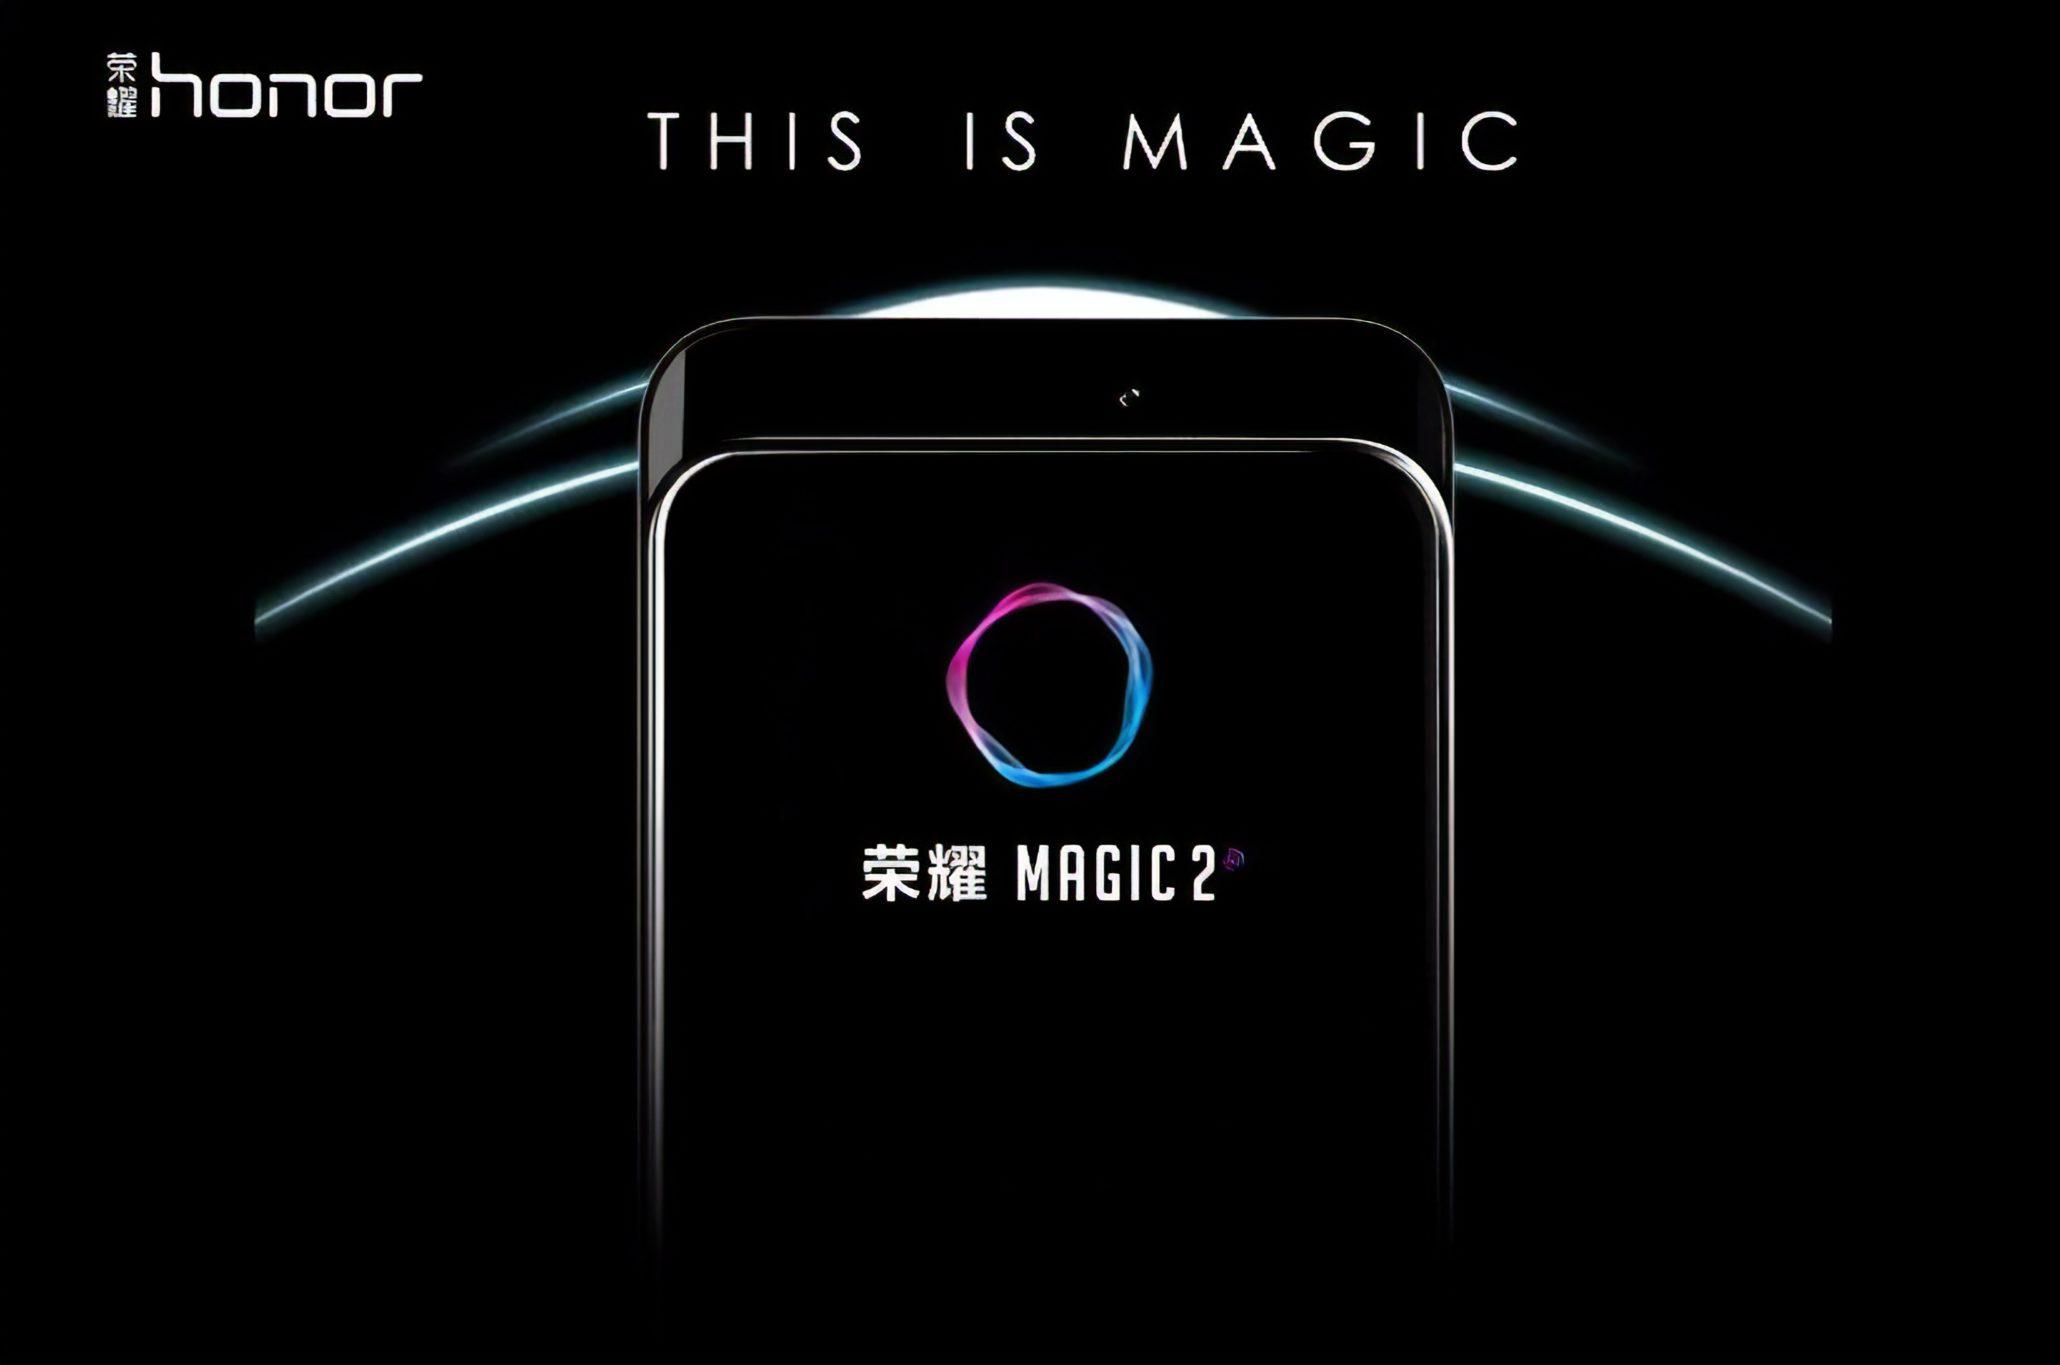 Honor-Magic-2-2060x1365.jpg